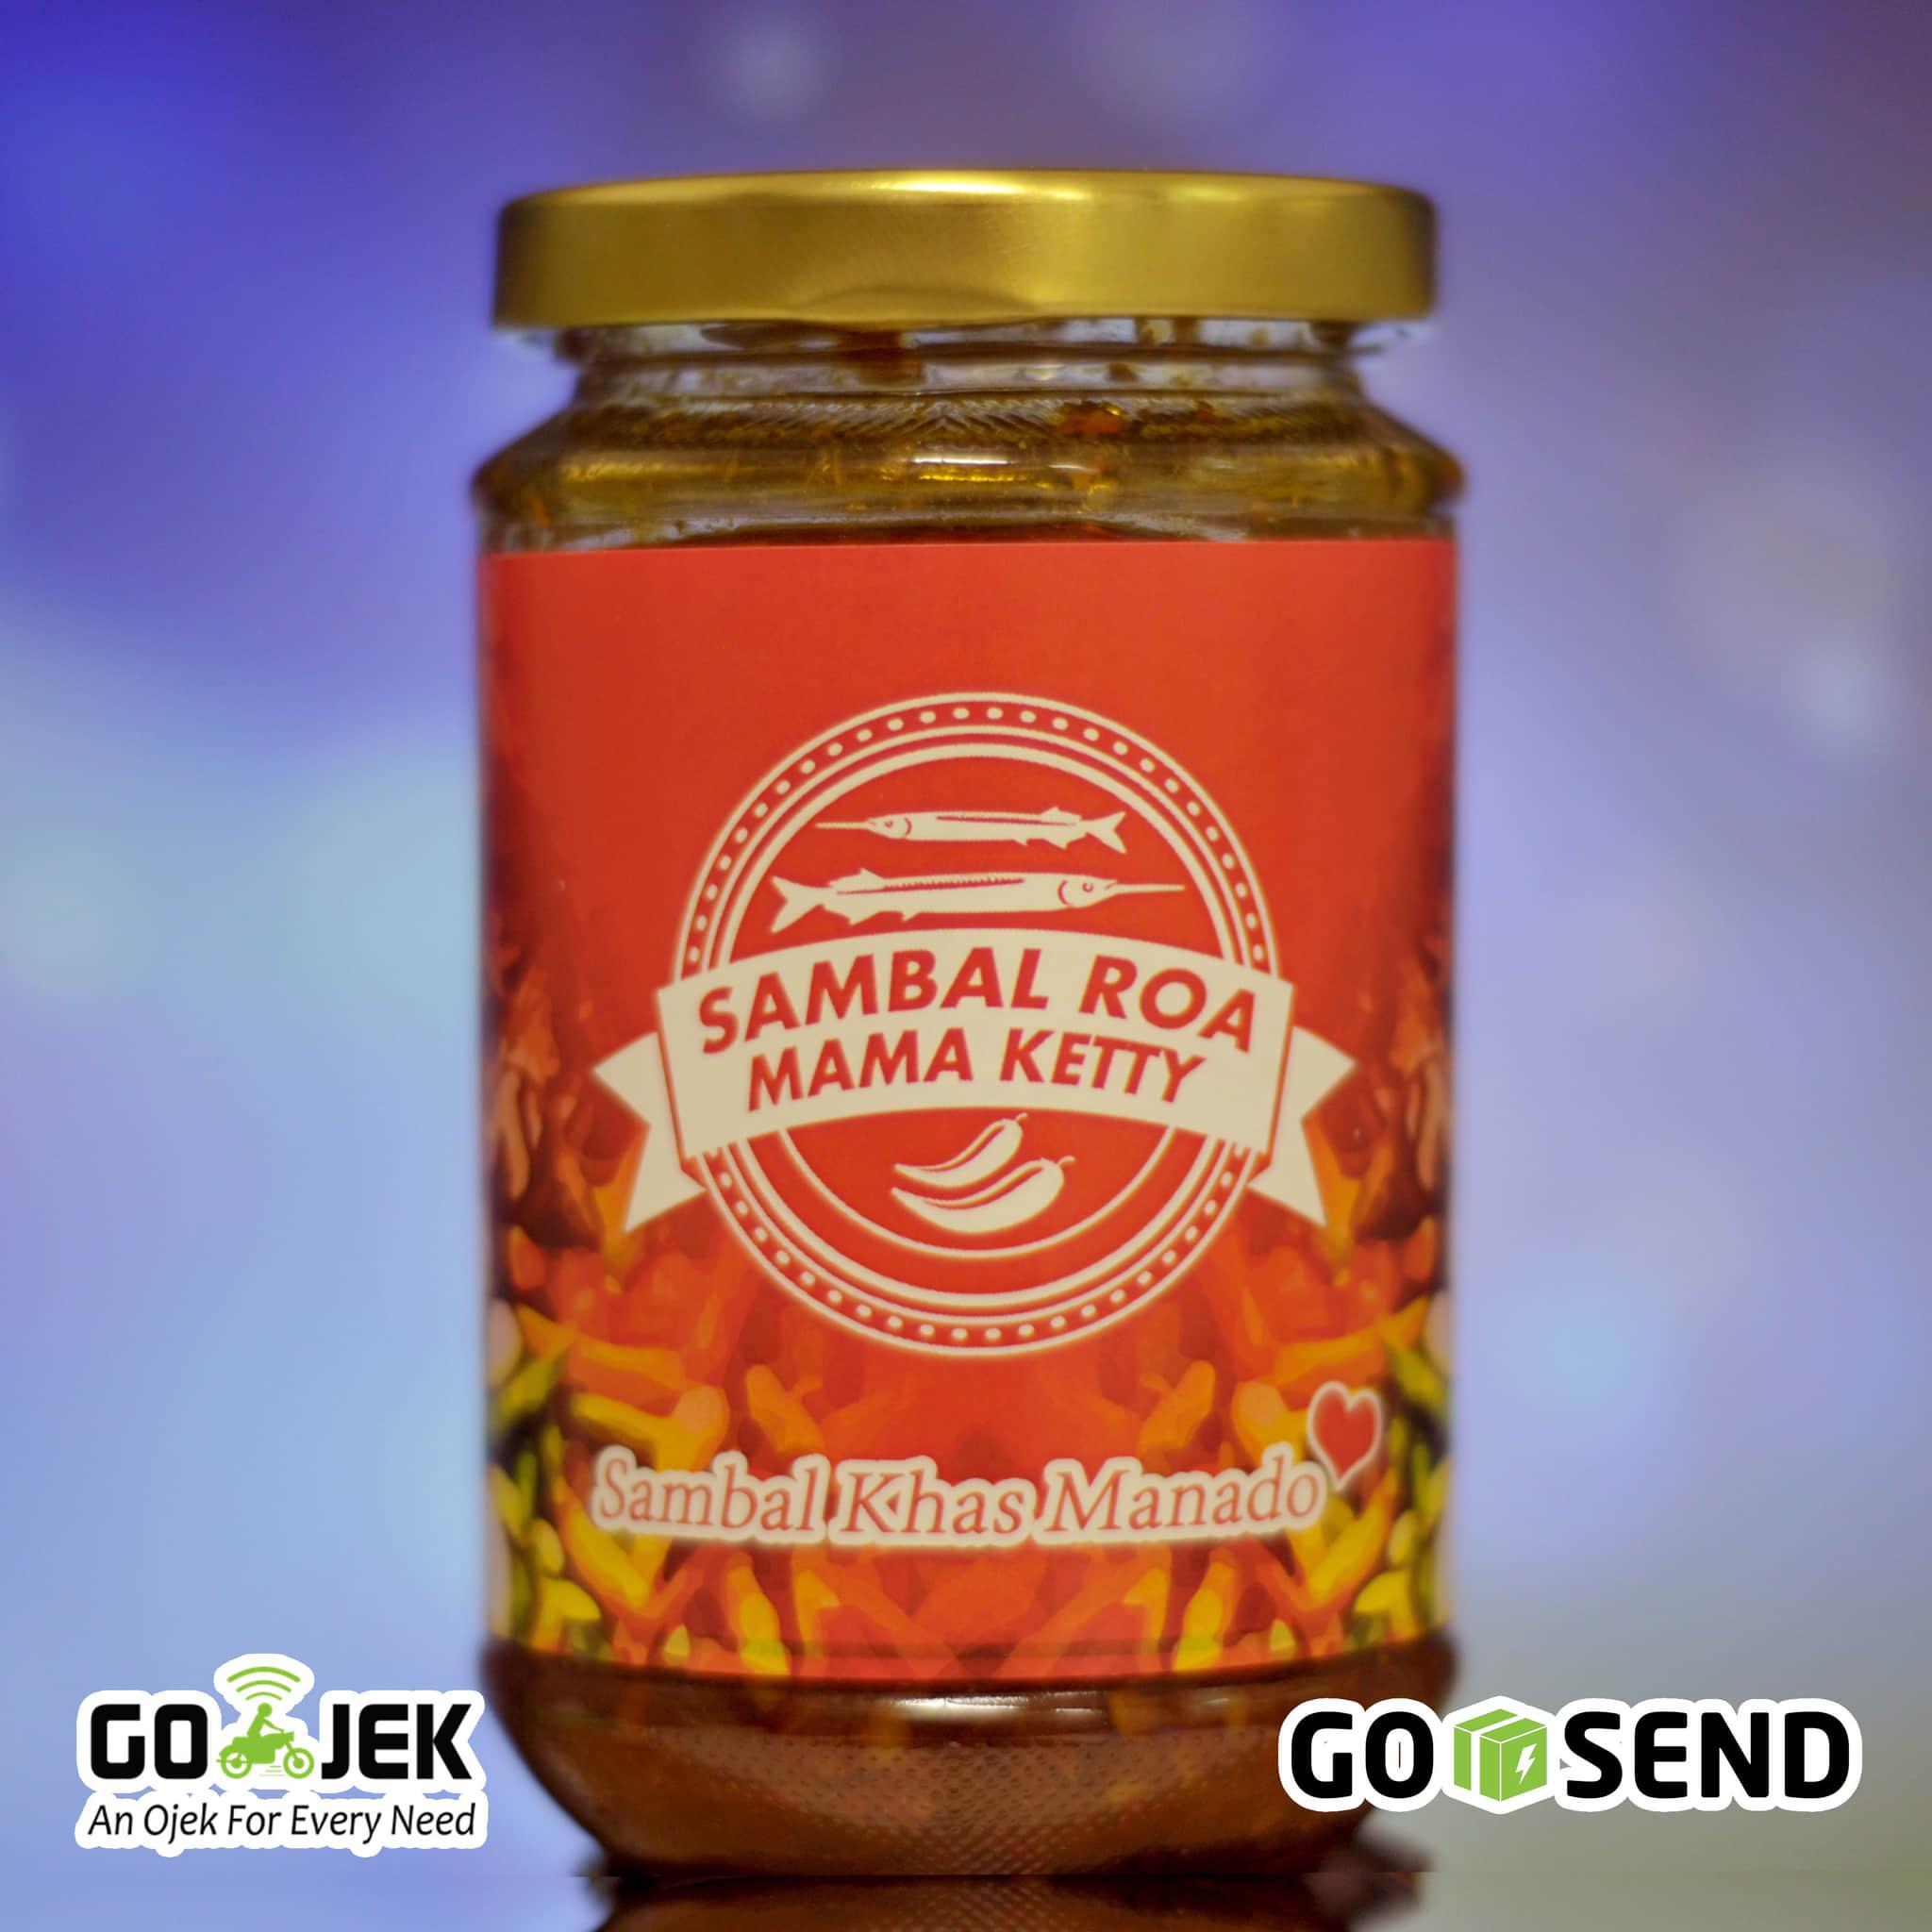 Jual Sambal Roa Manado Mama Ketty Madu Hutan Timor Amfoang Tokopedia Jakarta